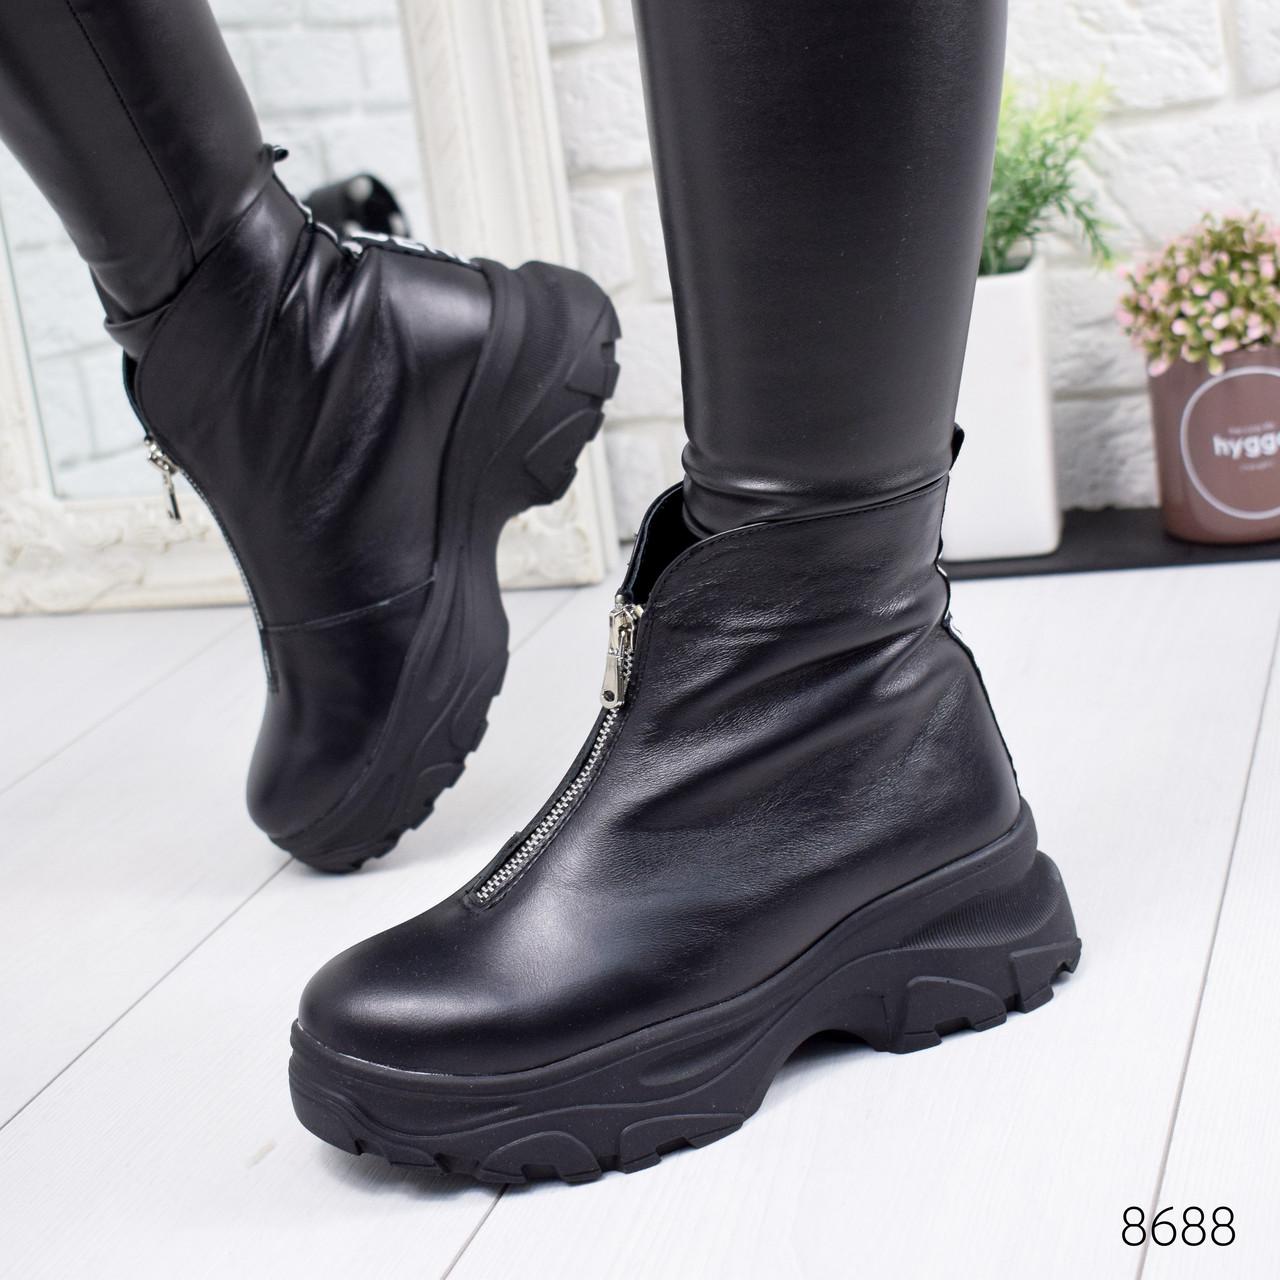 Ботинки женские Bruna черные 8688 кожа